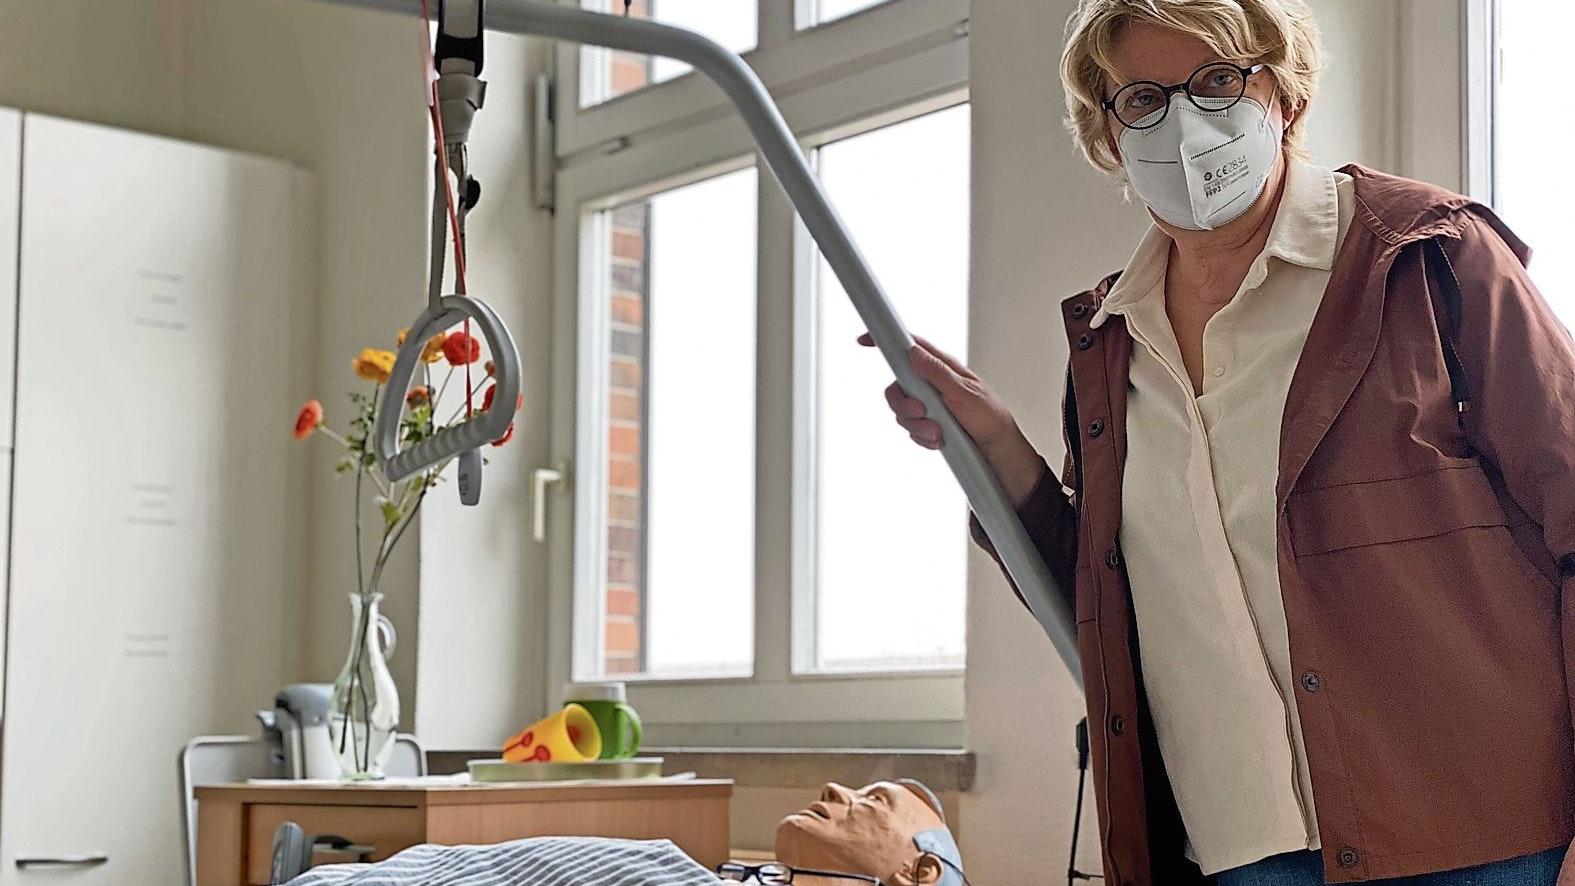 Praxisunterricht: Johanna Dumstorff an einem der Pflegebetten mit   Übungspuppe. Foto: Claudia Wimberg